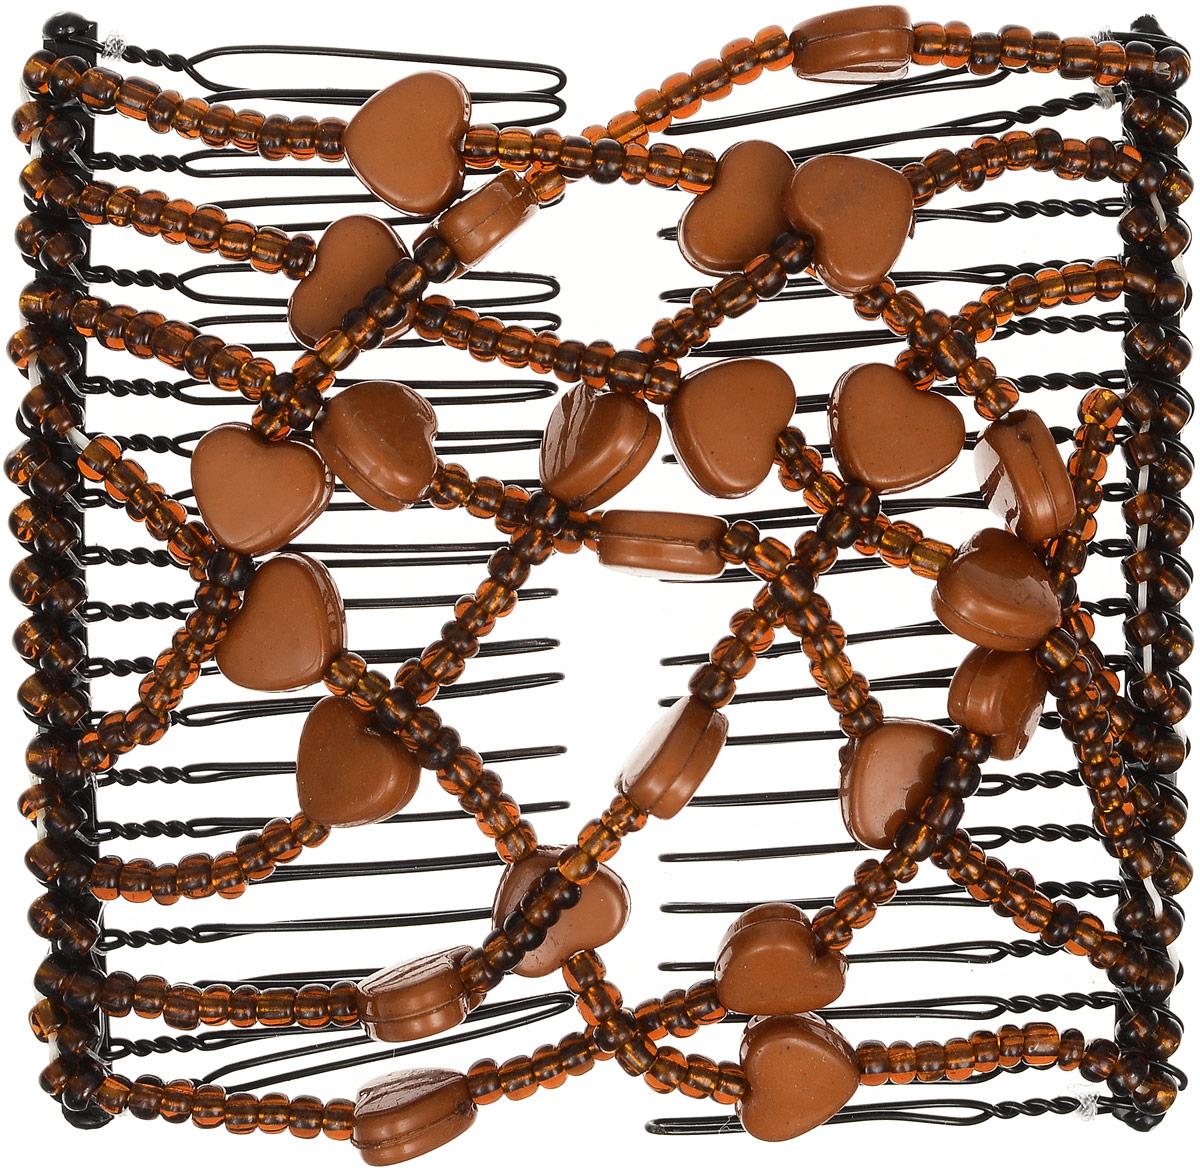 EZ-Combs Заколка Изи-Комбс, одинарная, цвет: коричневый. ЗИО_сердечкиЗИО_коричневый, сердечкиУдобная и практичная EZ-Combs подходит для любого типа волос: тонких, жестких, вьющихся или прямых, и не наносит им никакого вреда. Заколка не мешает движениям головы и не создает дискомфорта, когда вы отдыхаете или управляете автомобилем. Каждый гребень имеет по 20 зубьев для надежной фиксации заколки на волосах! И даже во время бега и интенсивных тренировок в спортзале EZ-Combs не падает; она прочно фиксирует прическу, сохраняя укладку в первозданном виде. Небольшая и легкая заколка для волос EZ-Combs поместится в любой дамской сумочке, позволяя быстро и без особых усилий создавать неповторимые прически там, где вам это удобно. Гребень прекрасно сочетается с любой одеждой: будь это классический или спортивный стиль, завершая гармоничный облик современной леди. И неважно, какой образ жизни вы ведете, если у вас есть EZ-Combs, вы всегда будете выглядеть потрясающе.